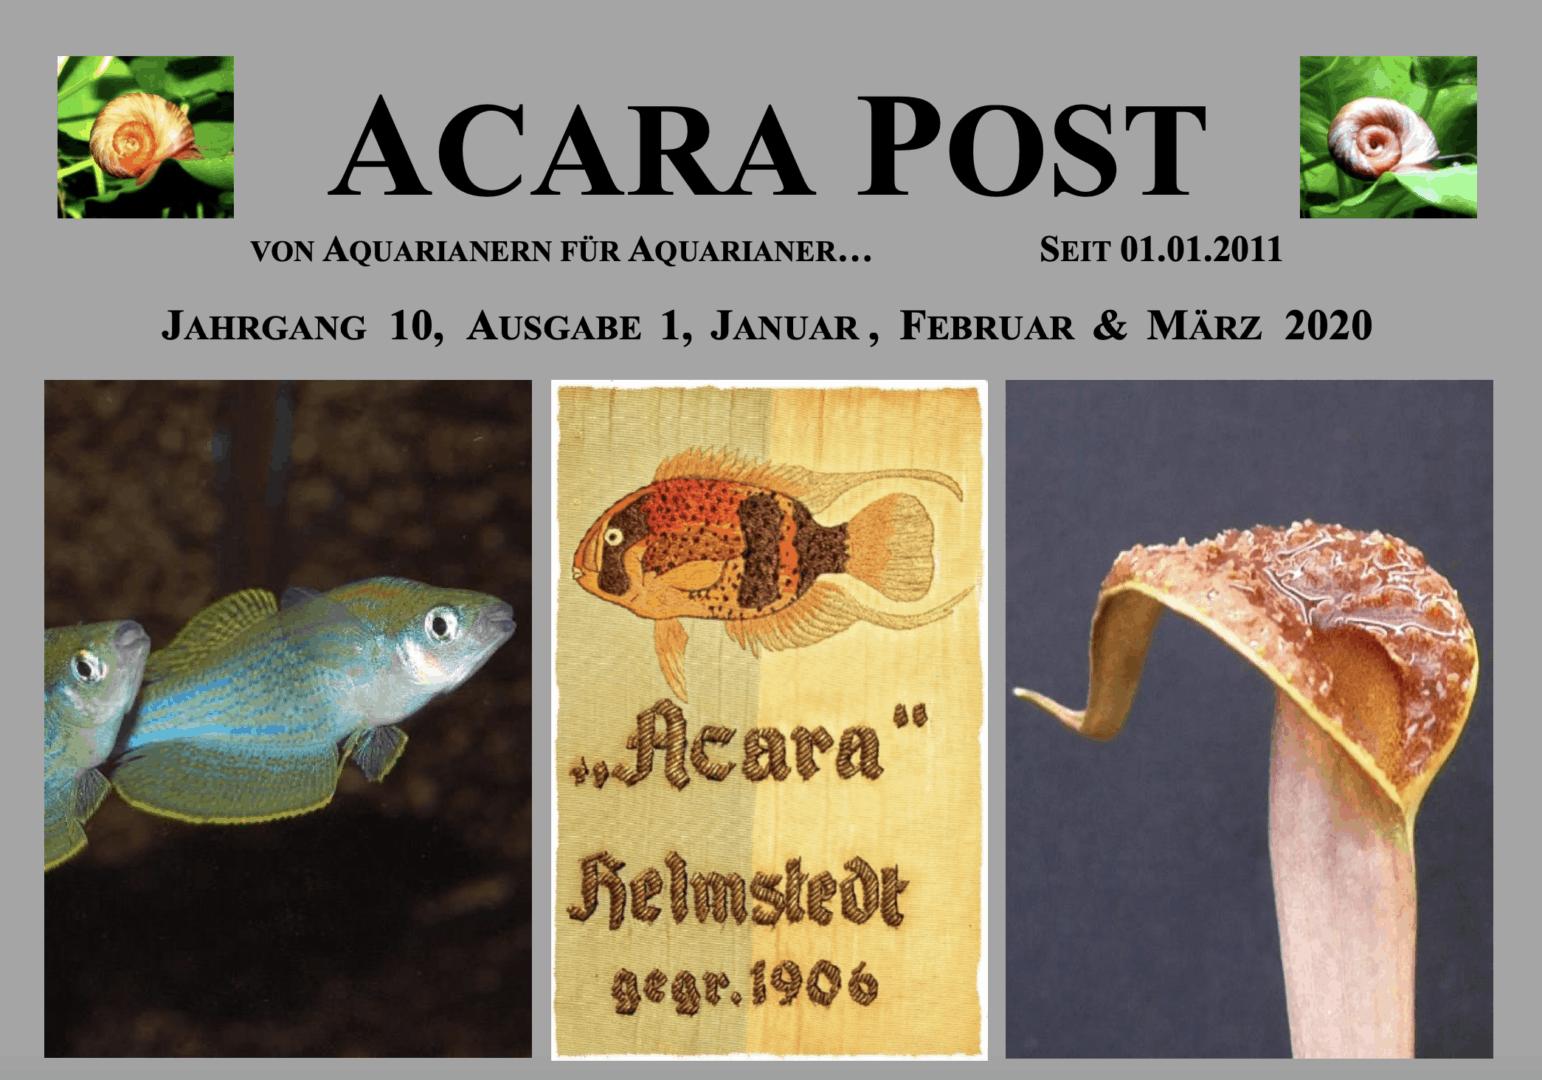 Acara-Post Januar - März 2020 - jetzt kostenlos lesen 1